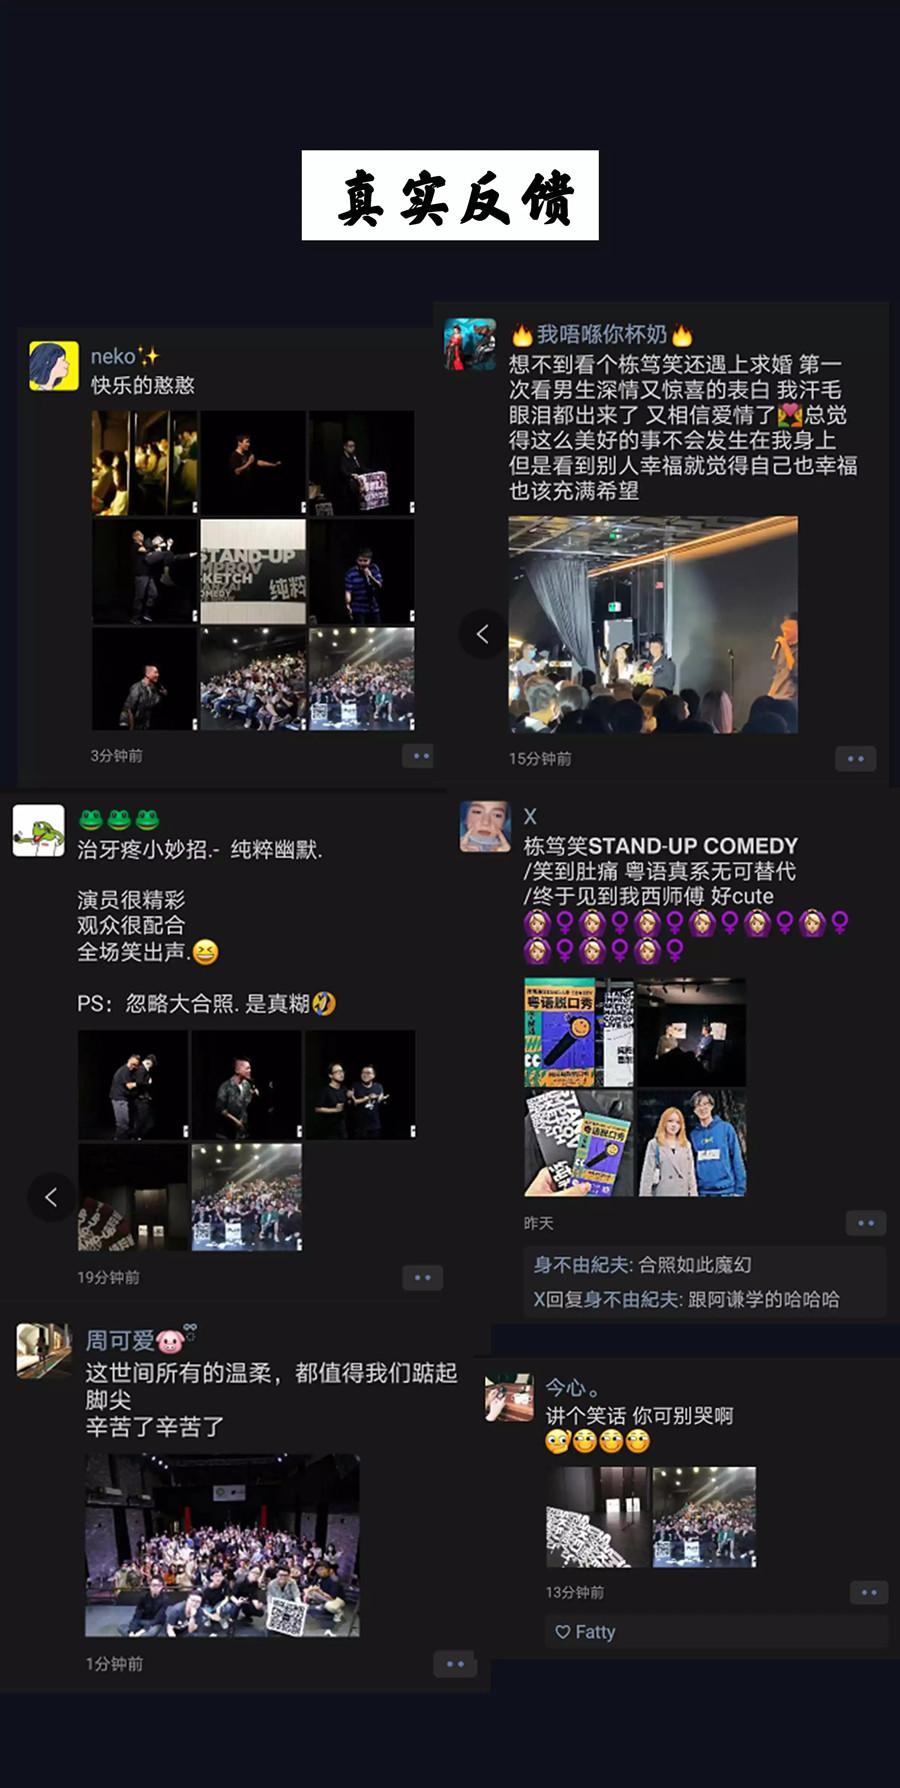 2021纯粹幽默脱口秀 五一巡演晚间场(普通话)-南宁站